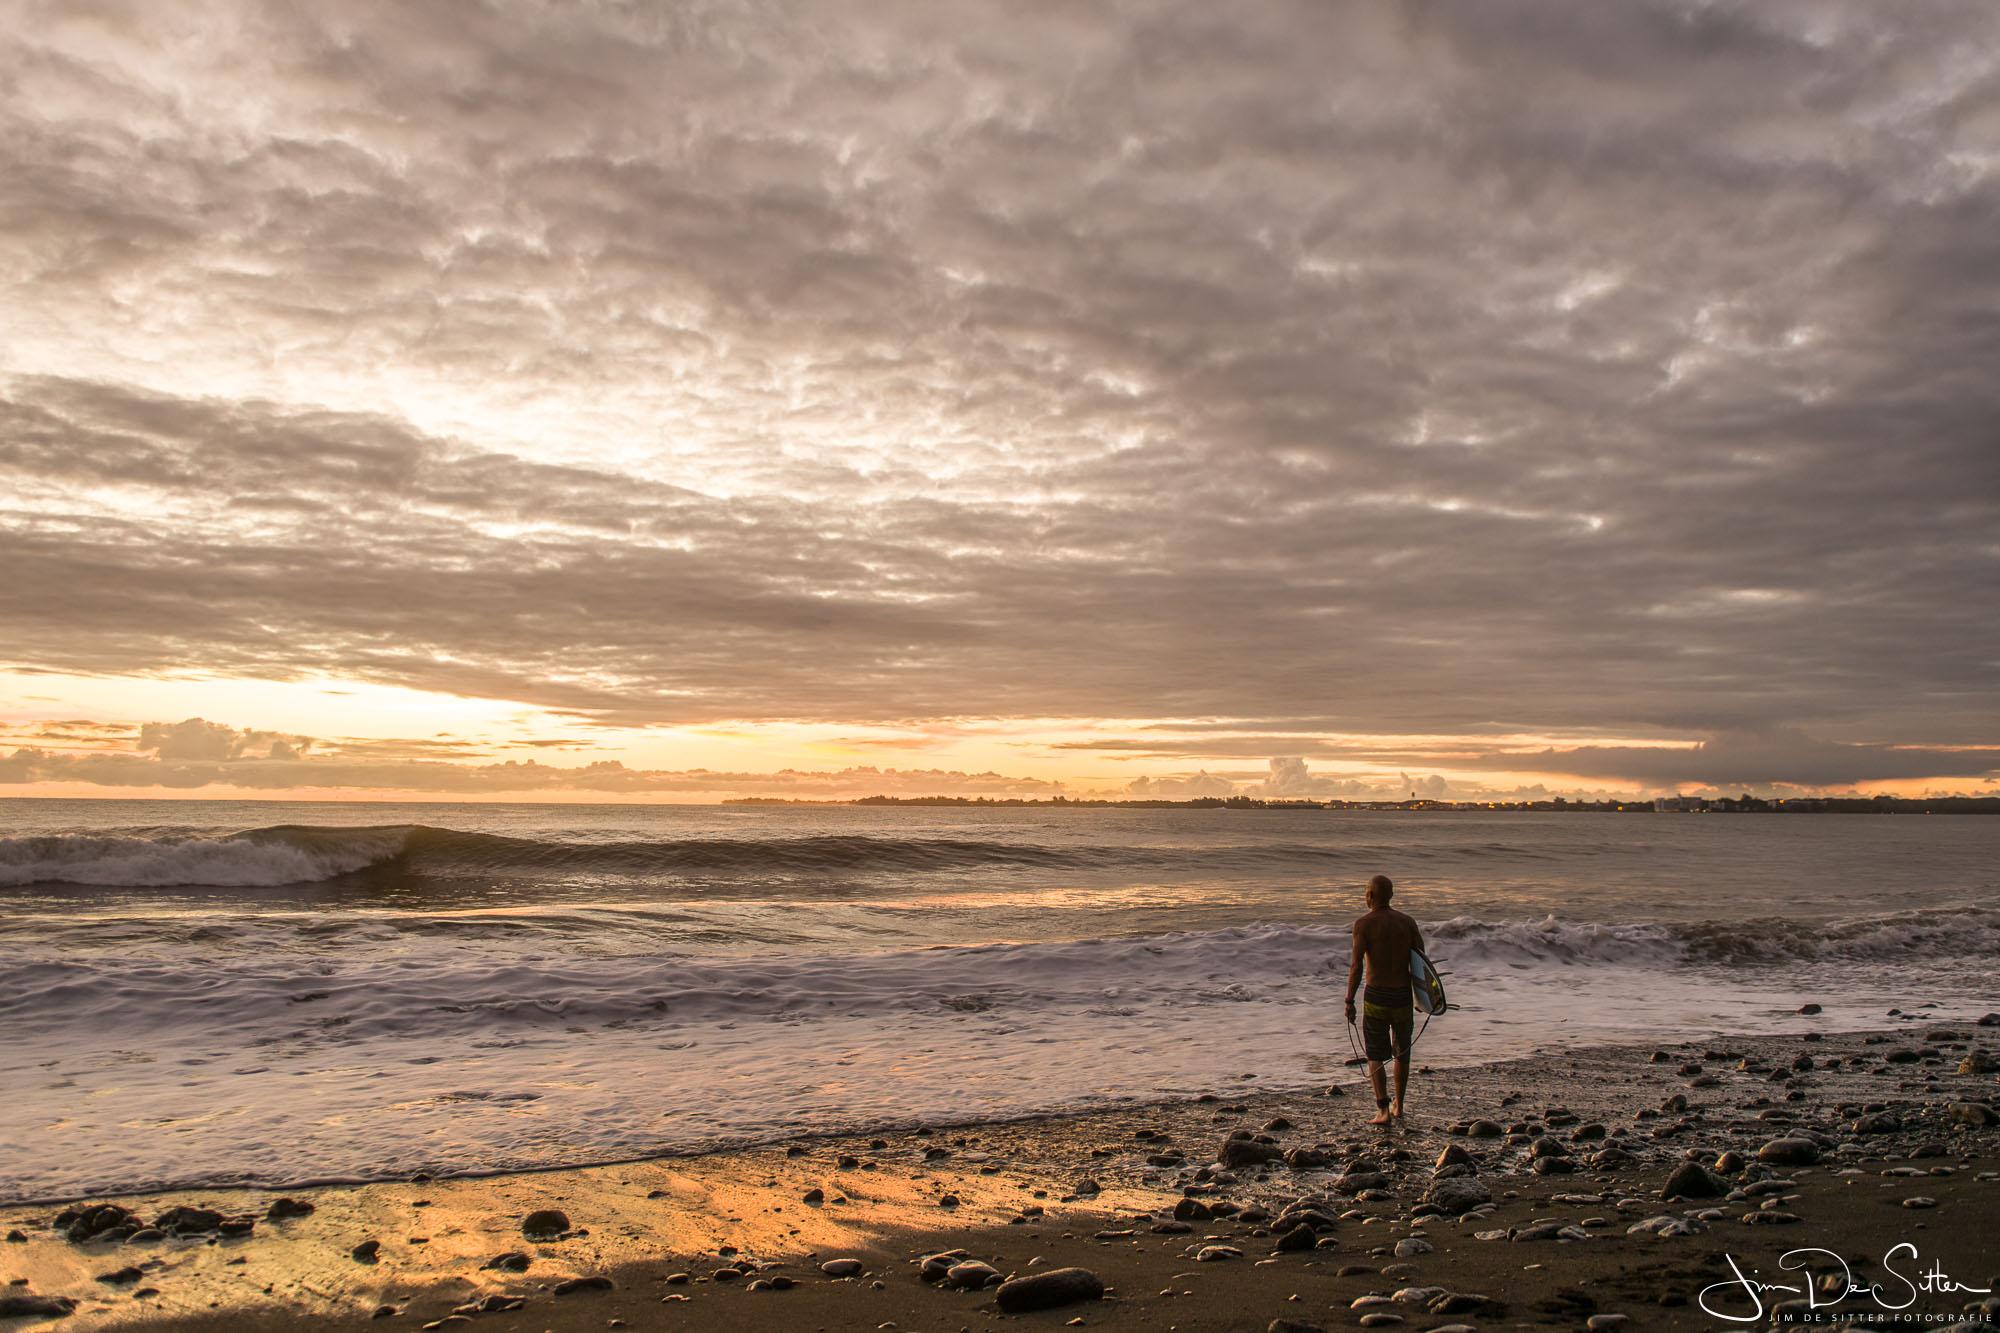 Landschapsfoto : Ochtendsurfing in Hawaii